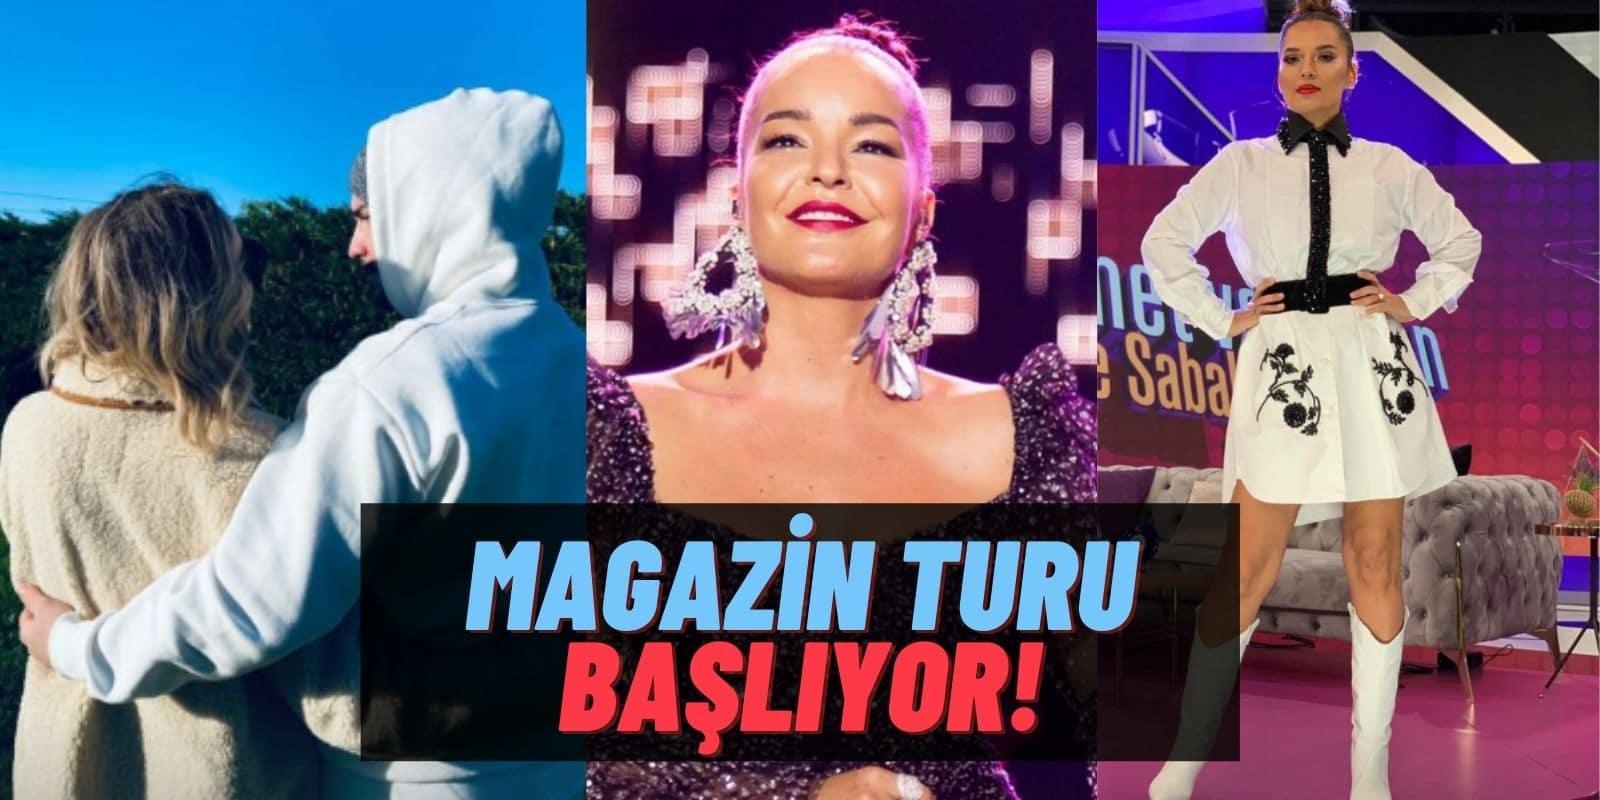 Dedikodu Kazanında Bugün: Hadise ve Kaan Yıldırım'dan Fotoğraf Geldi, Demet Akalın'dan İsyan Bayrağı!